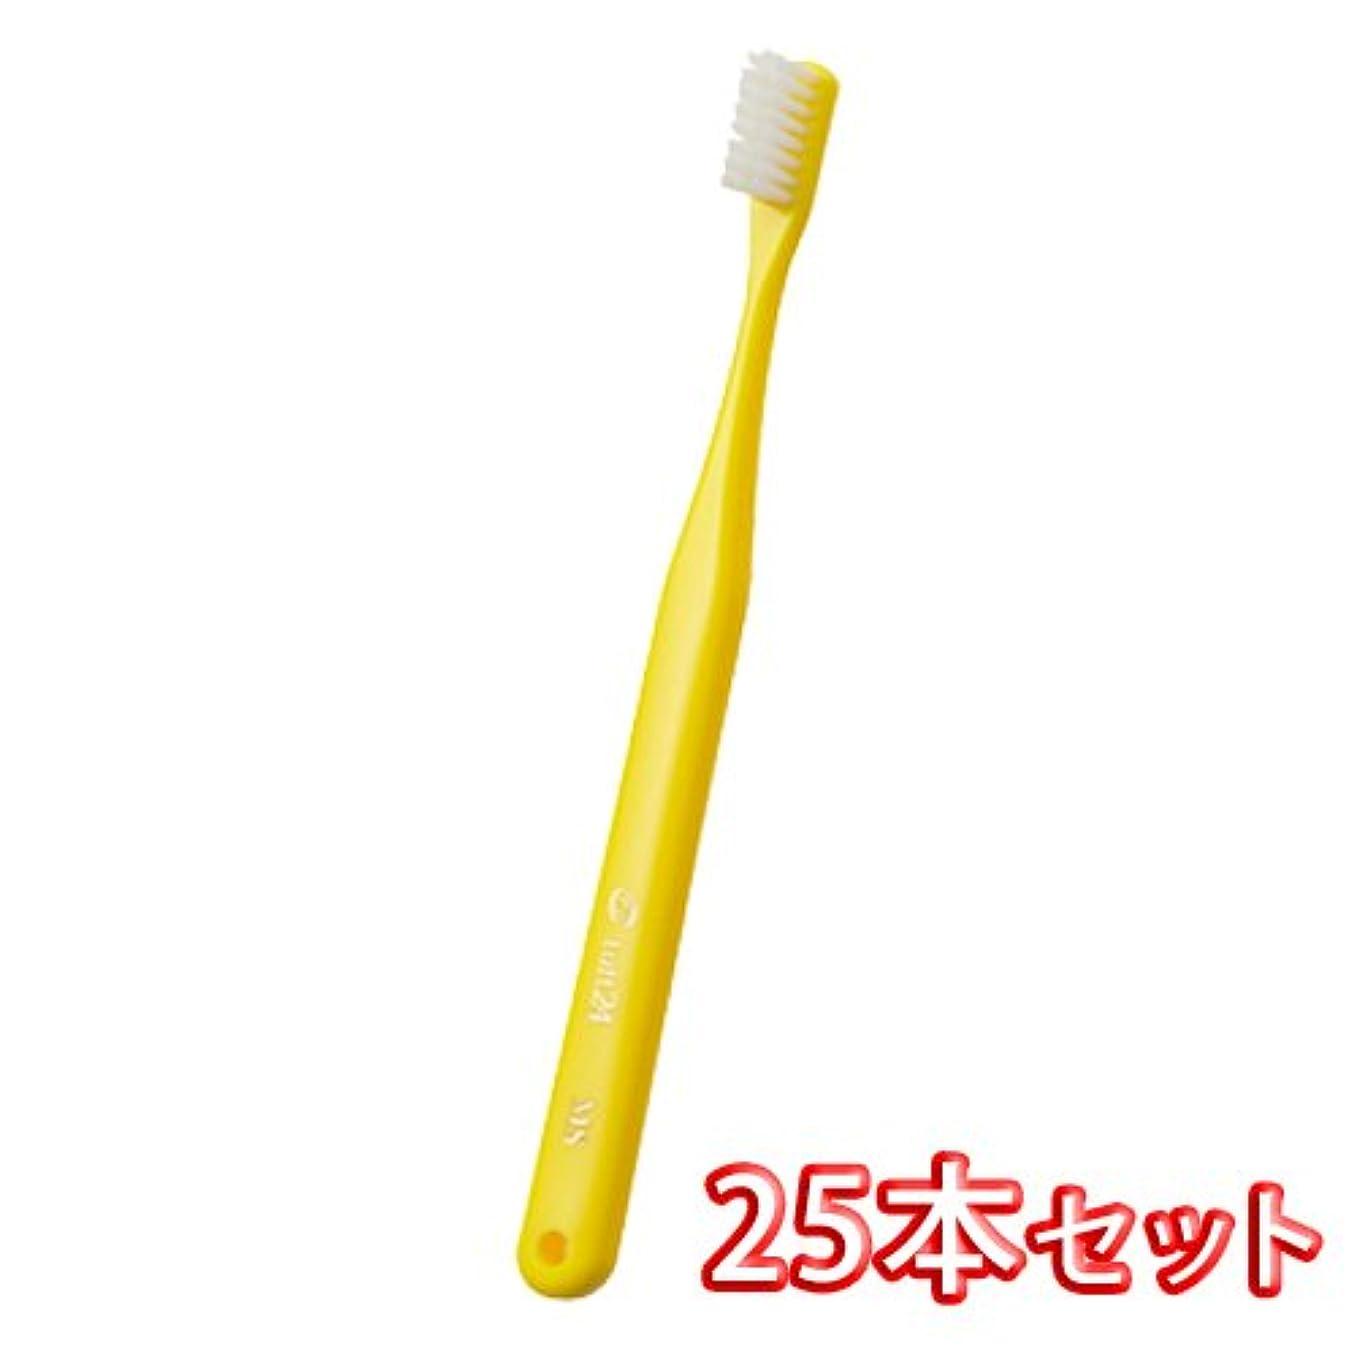 青舞い上がる被害者オーラルケア キャップ付き タフト 24 歯ブラシ 25本入 ミディアムハード MH (イエロー)